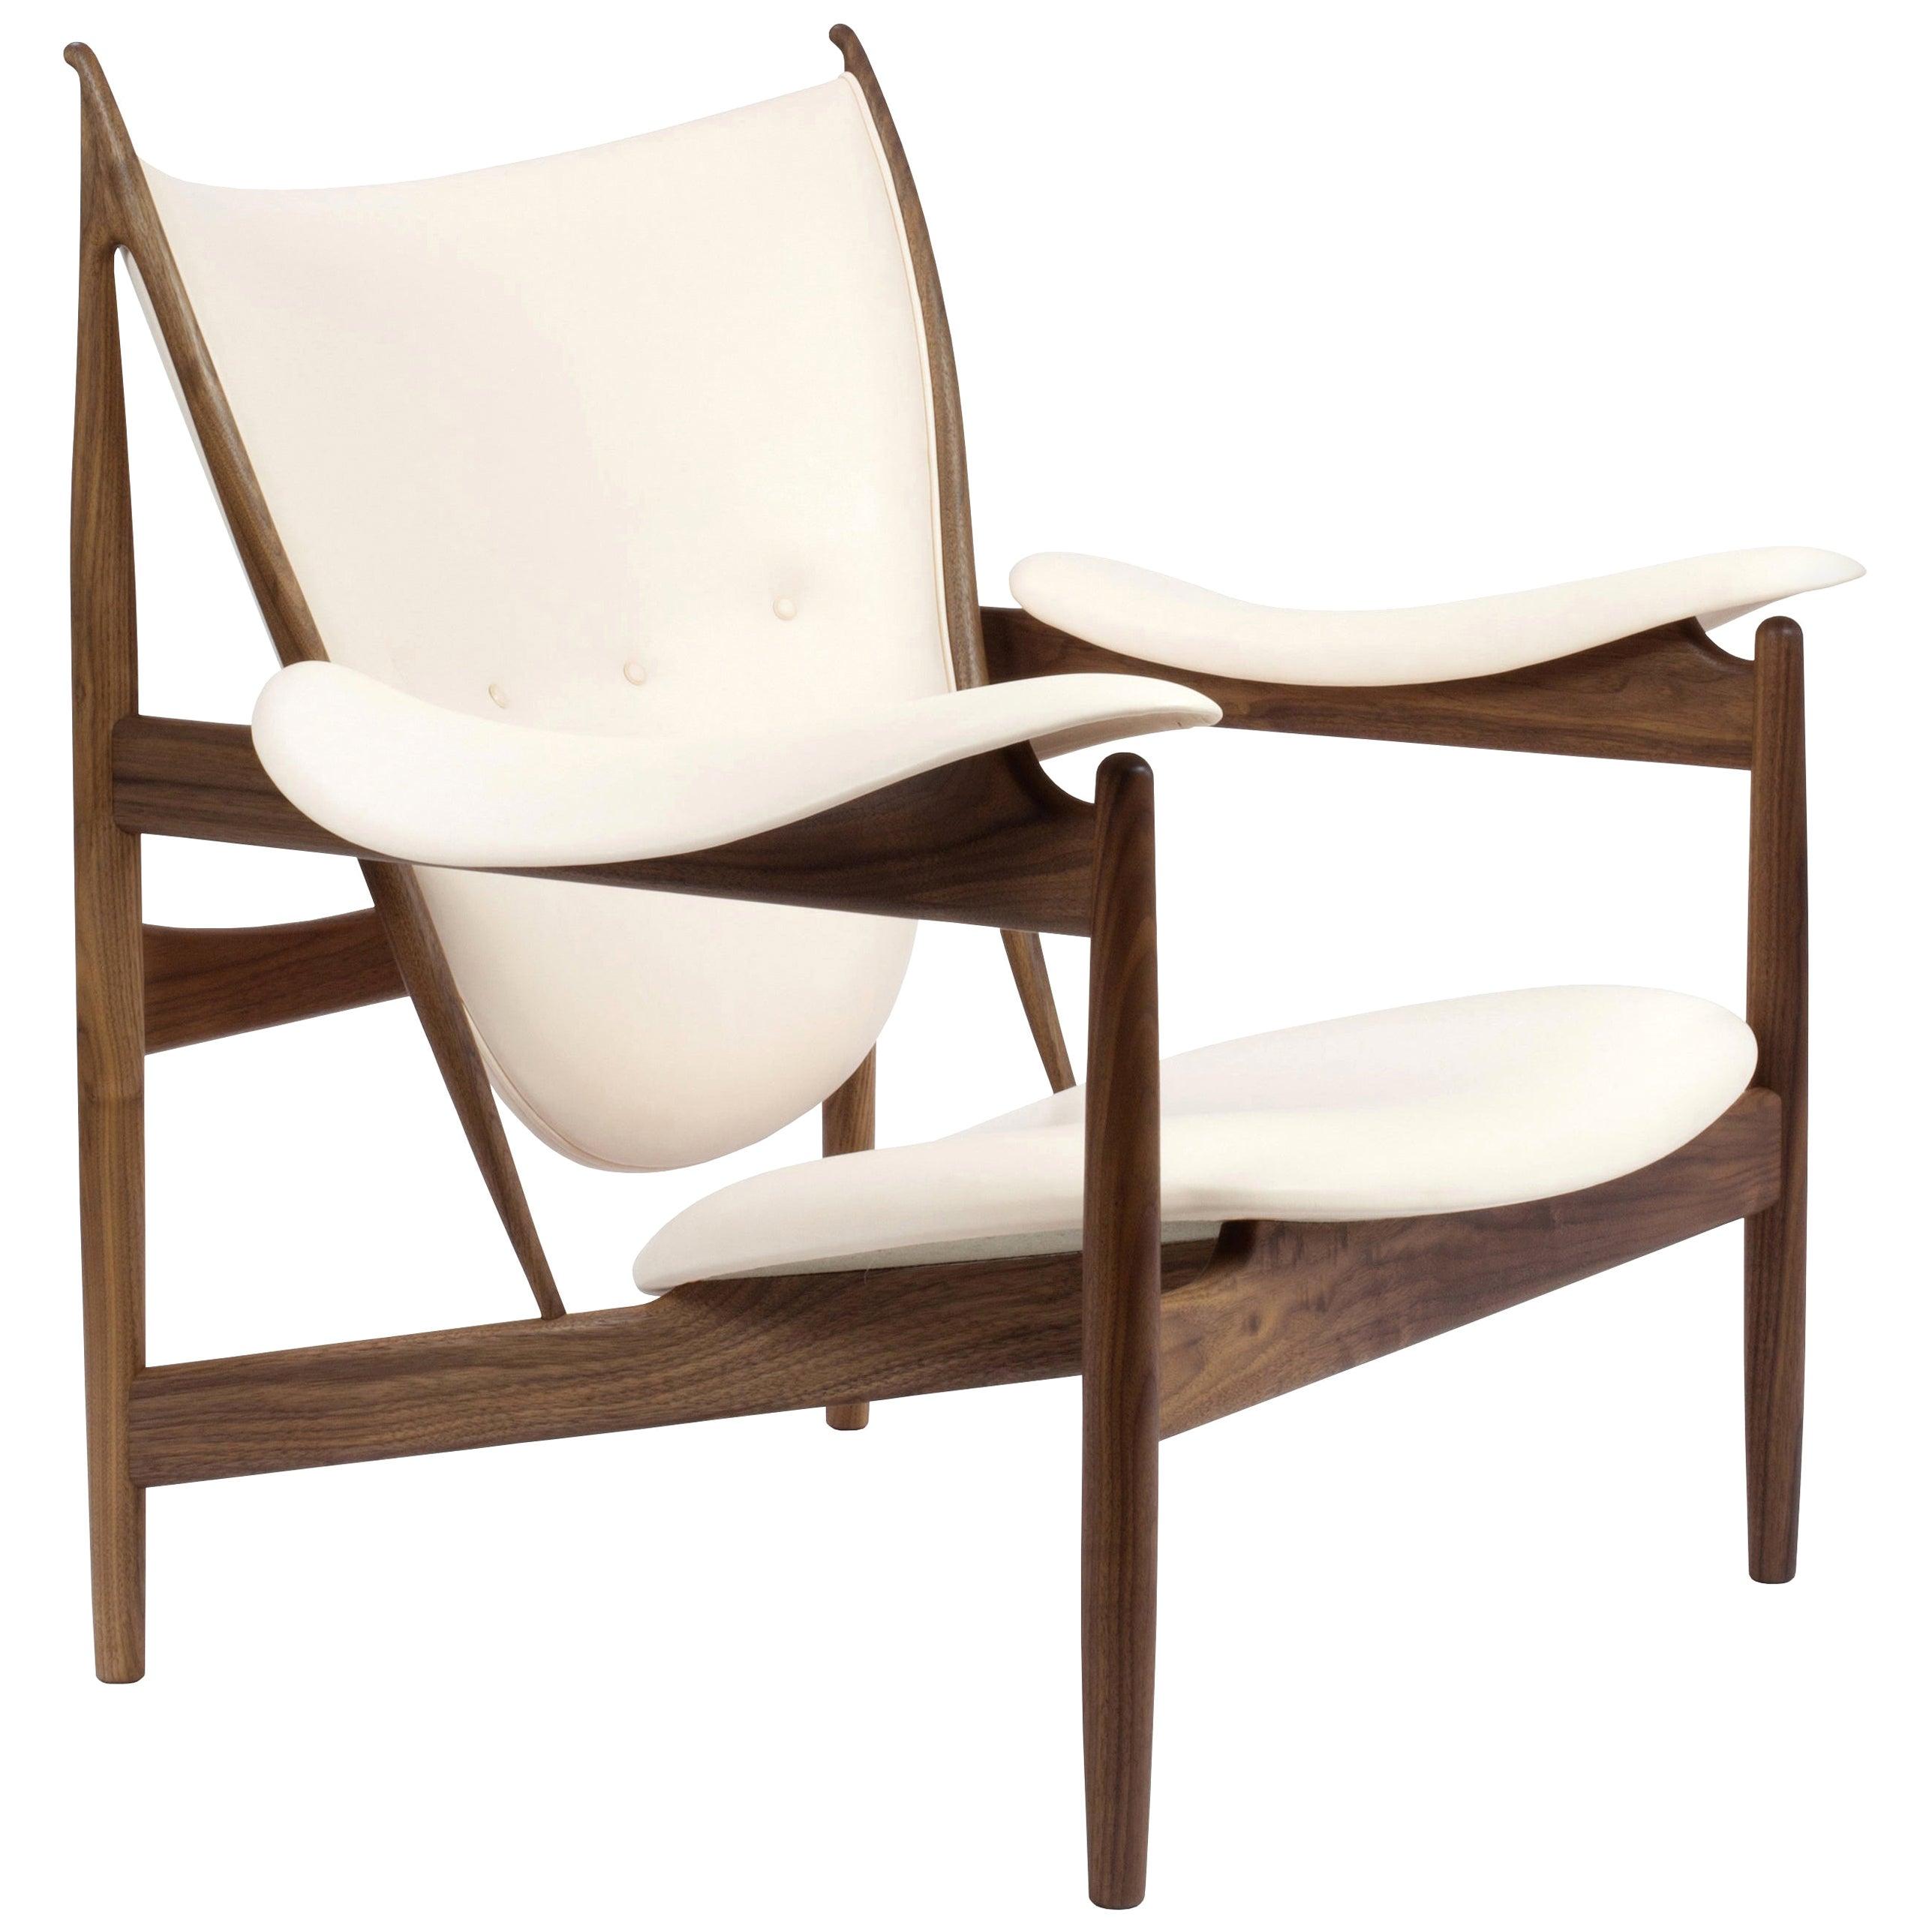 Finn Juhl Chieftain Armchair, Wood and Leather